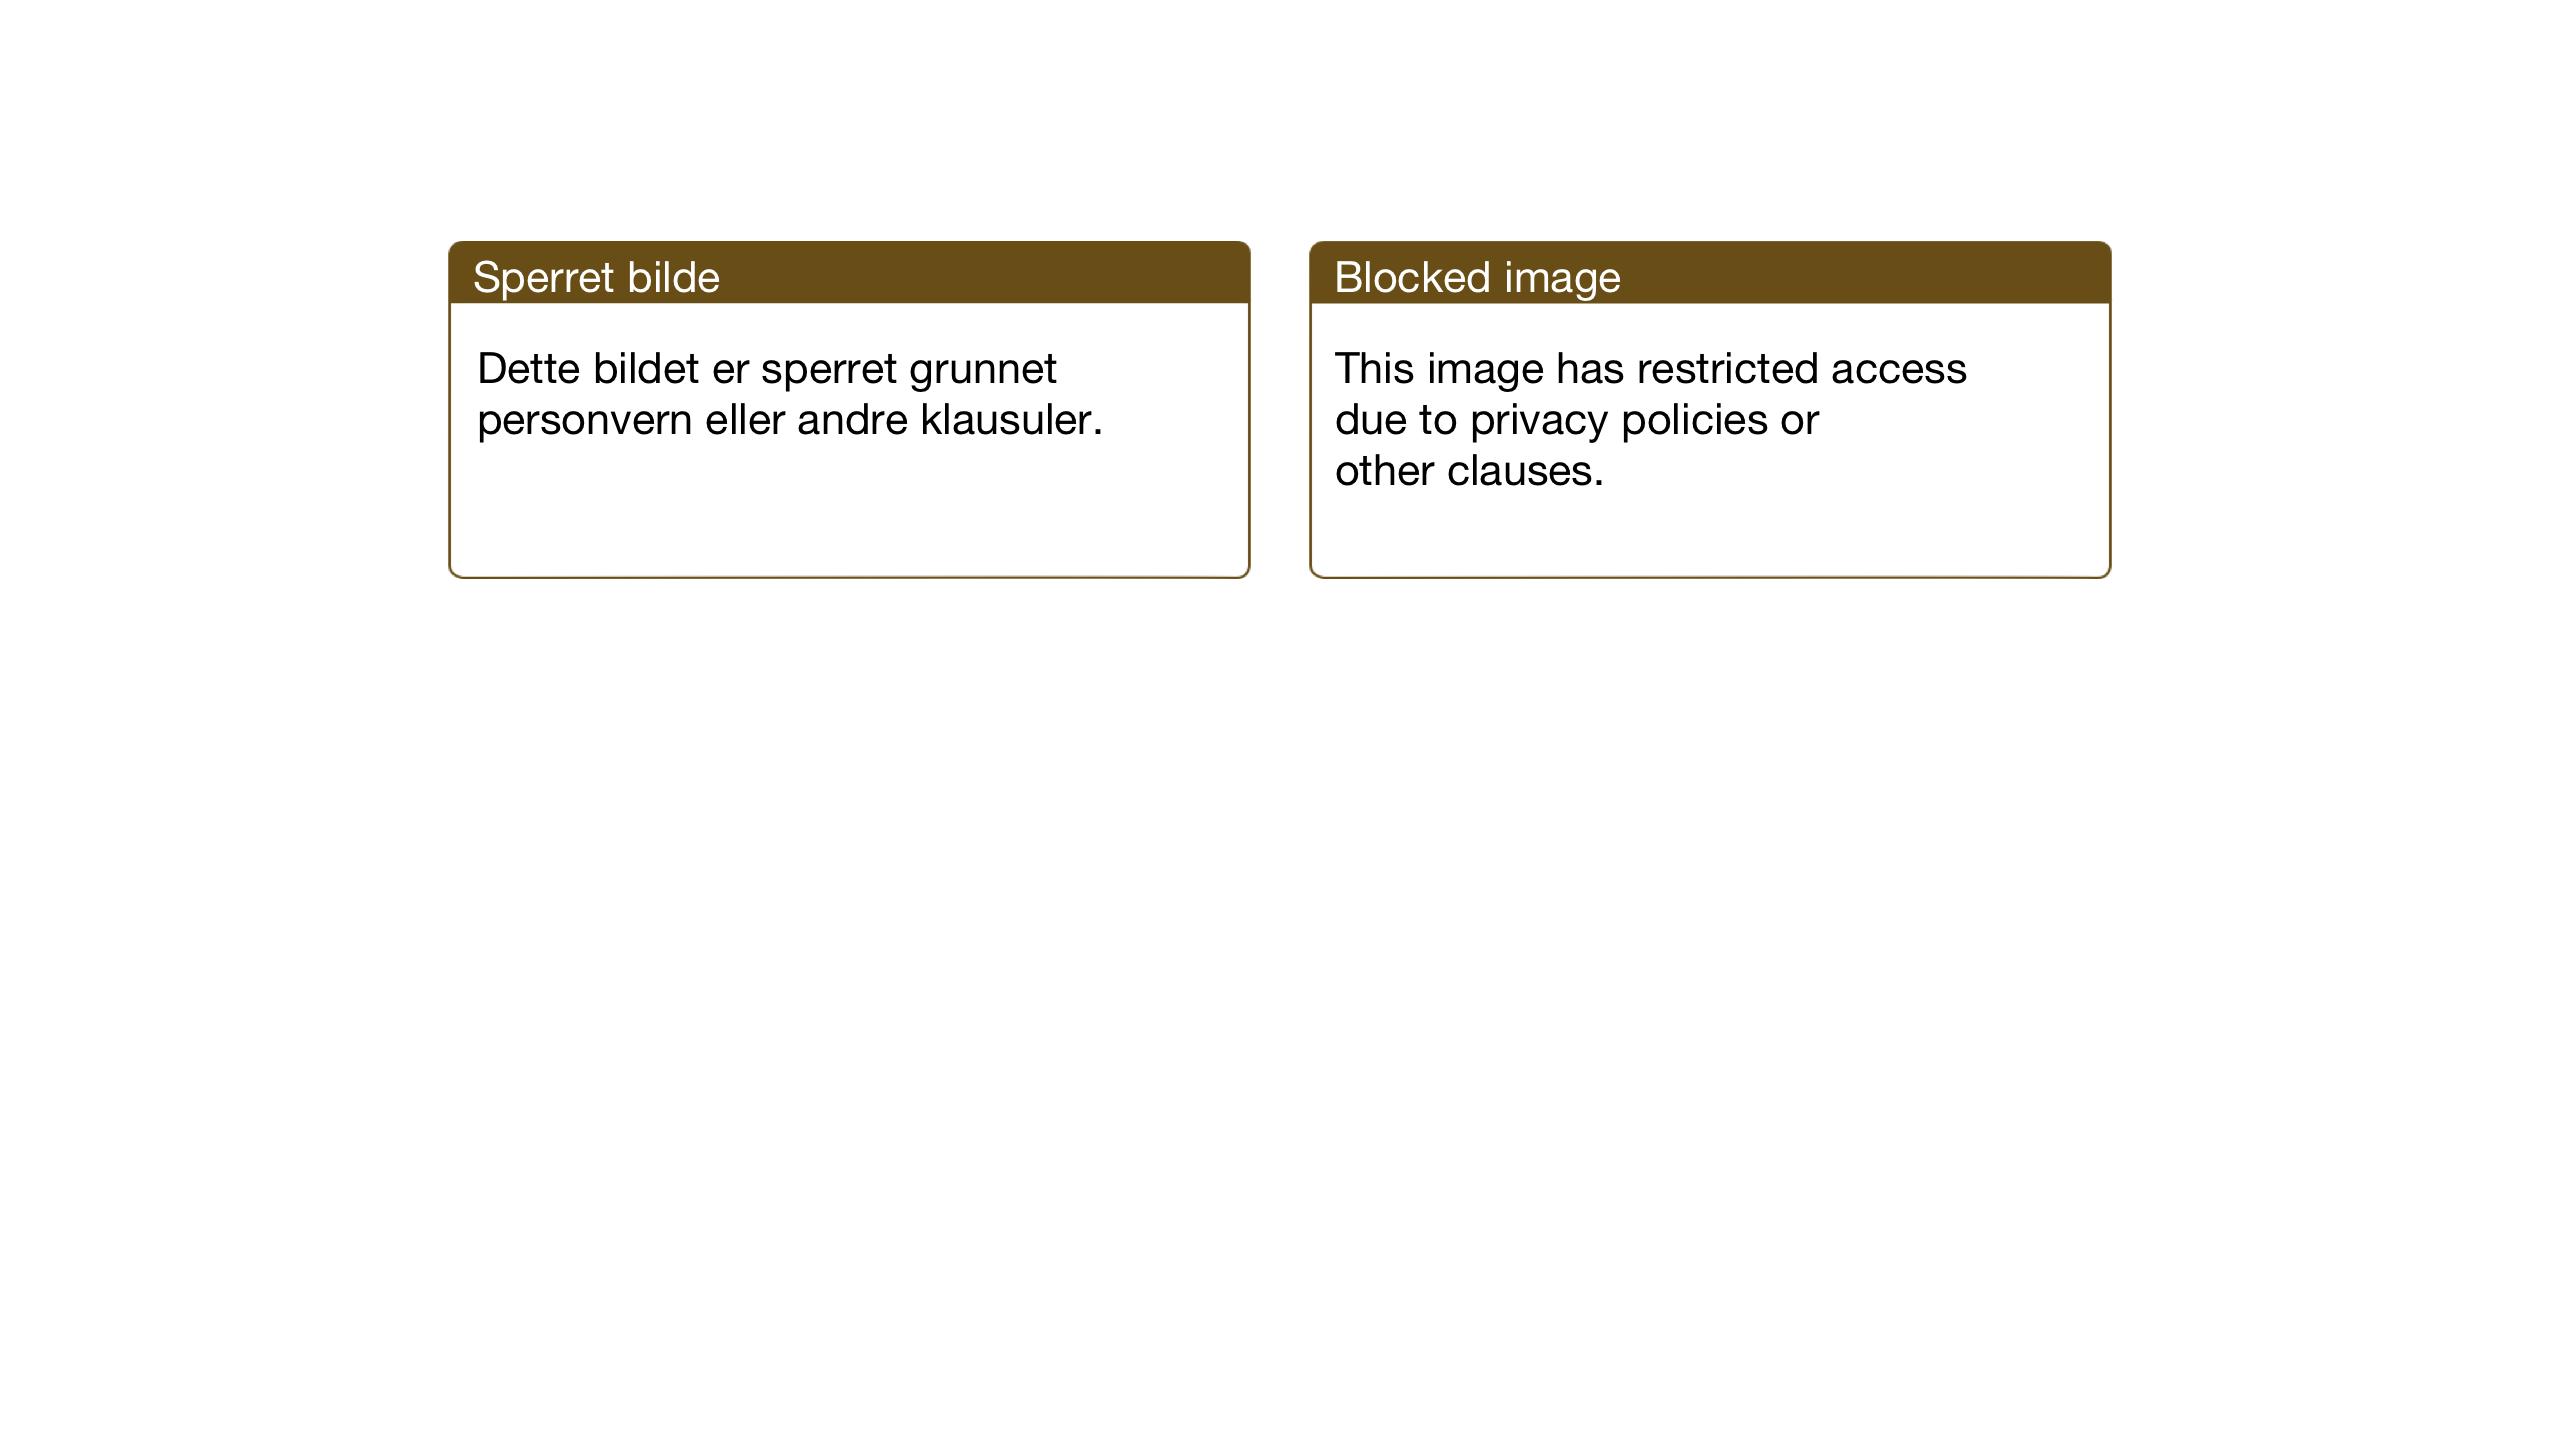 SAT, Ministerialprotokoller, klokkerbøker og fødselsregistre - Nord-Trøndelag, 749/L0481: Klokkerbok nr. 749C03, 1933-1945, s. 91